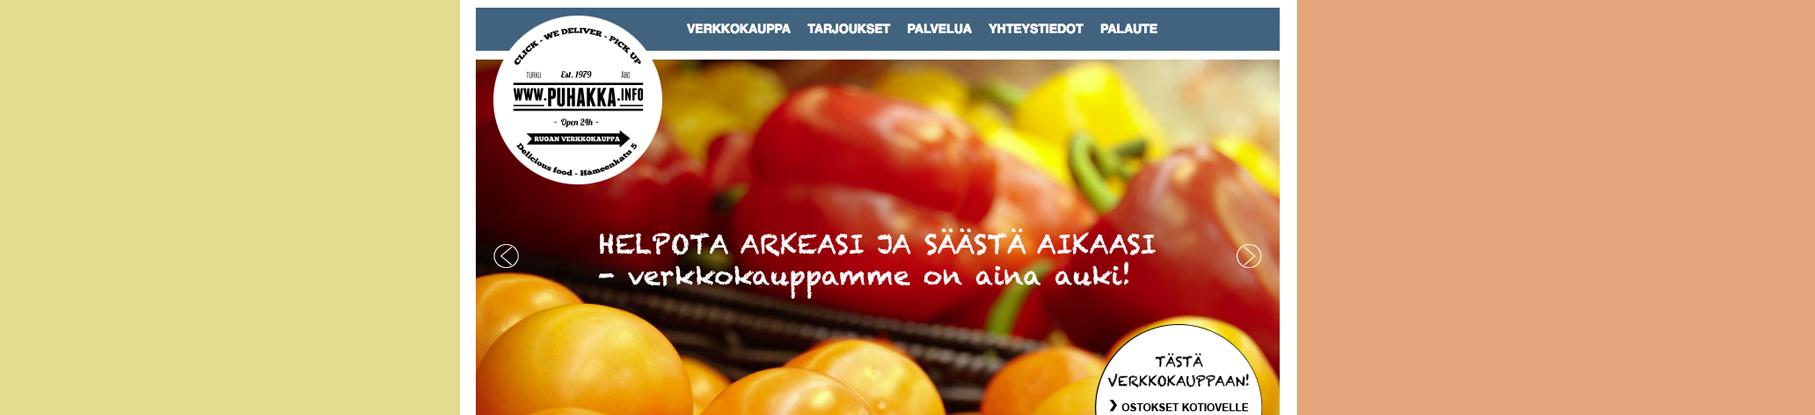 Puhakka_www